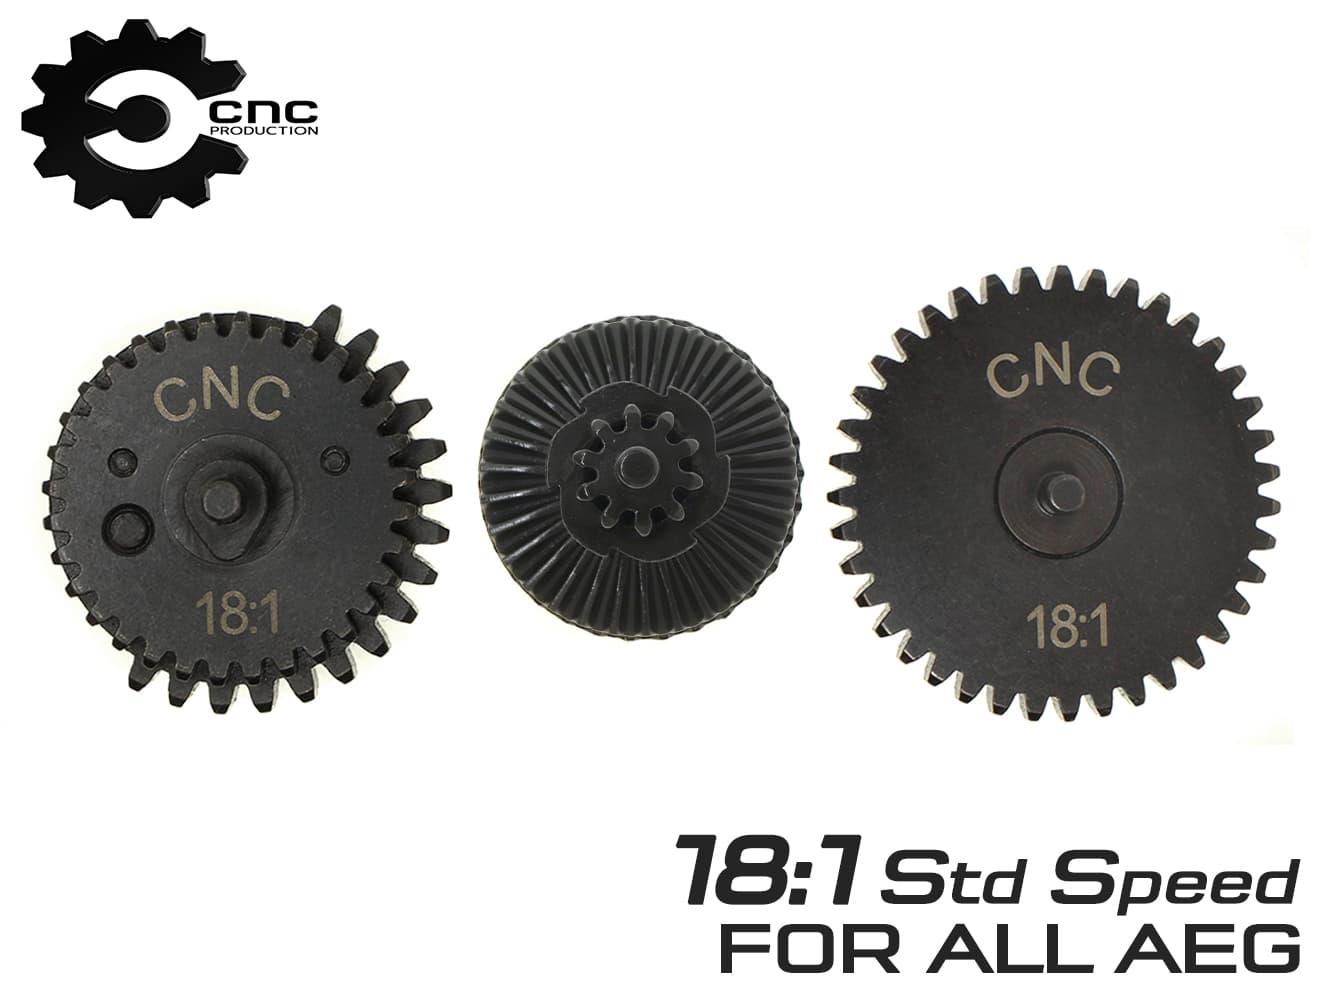 CNC Production 18:1 スチールCNCギアセット◆スタンダード電動ガン用 マルイ純正ギア比 高強度スチール削り出し AEG Ver2 3 4 6 7 ギヤ画像